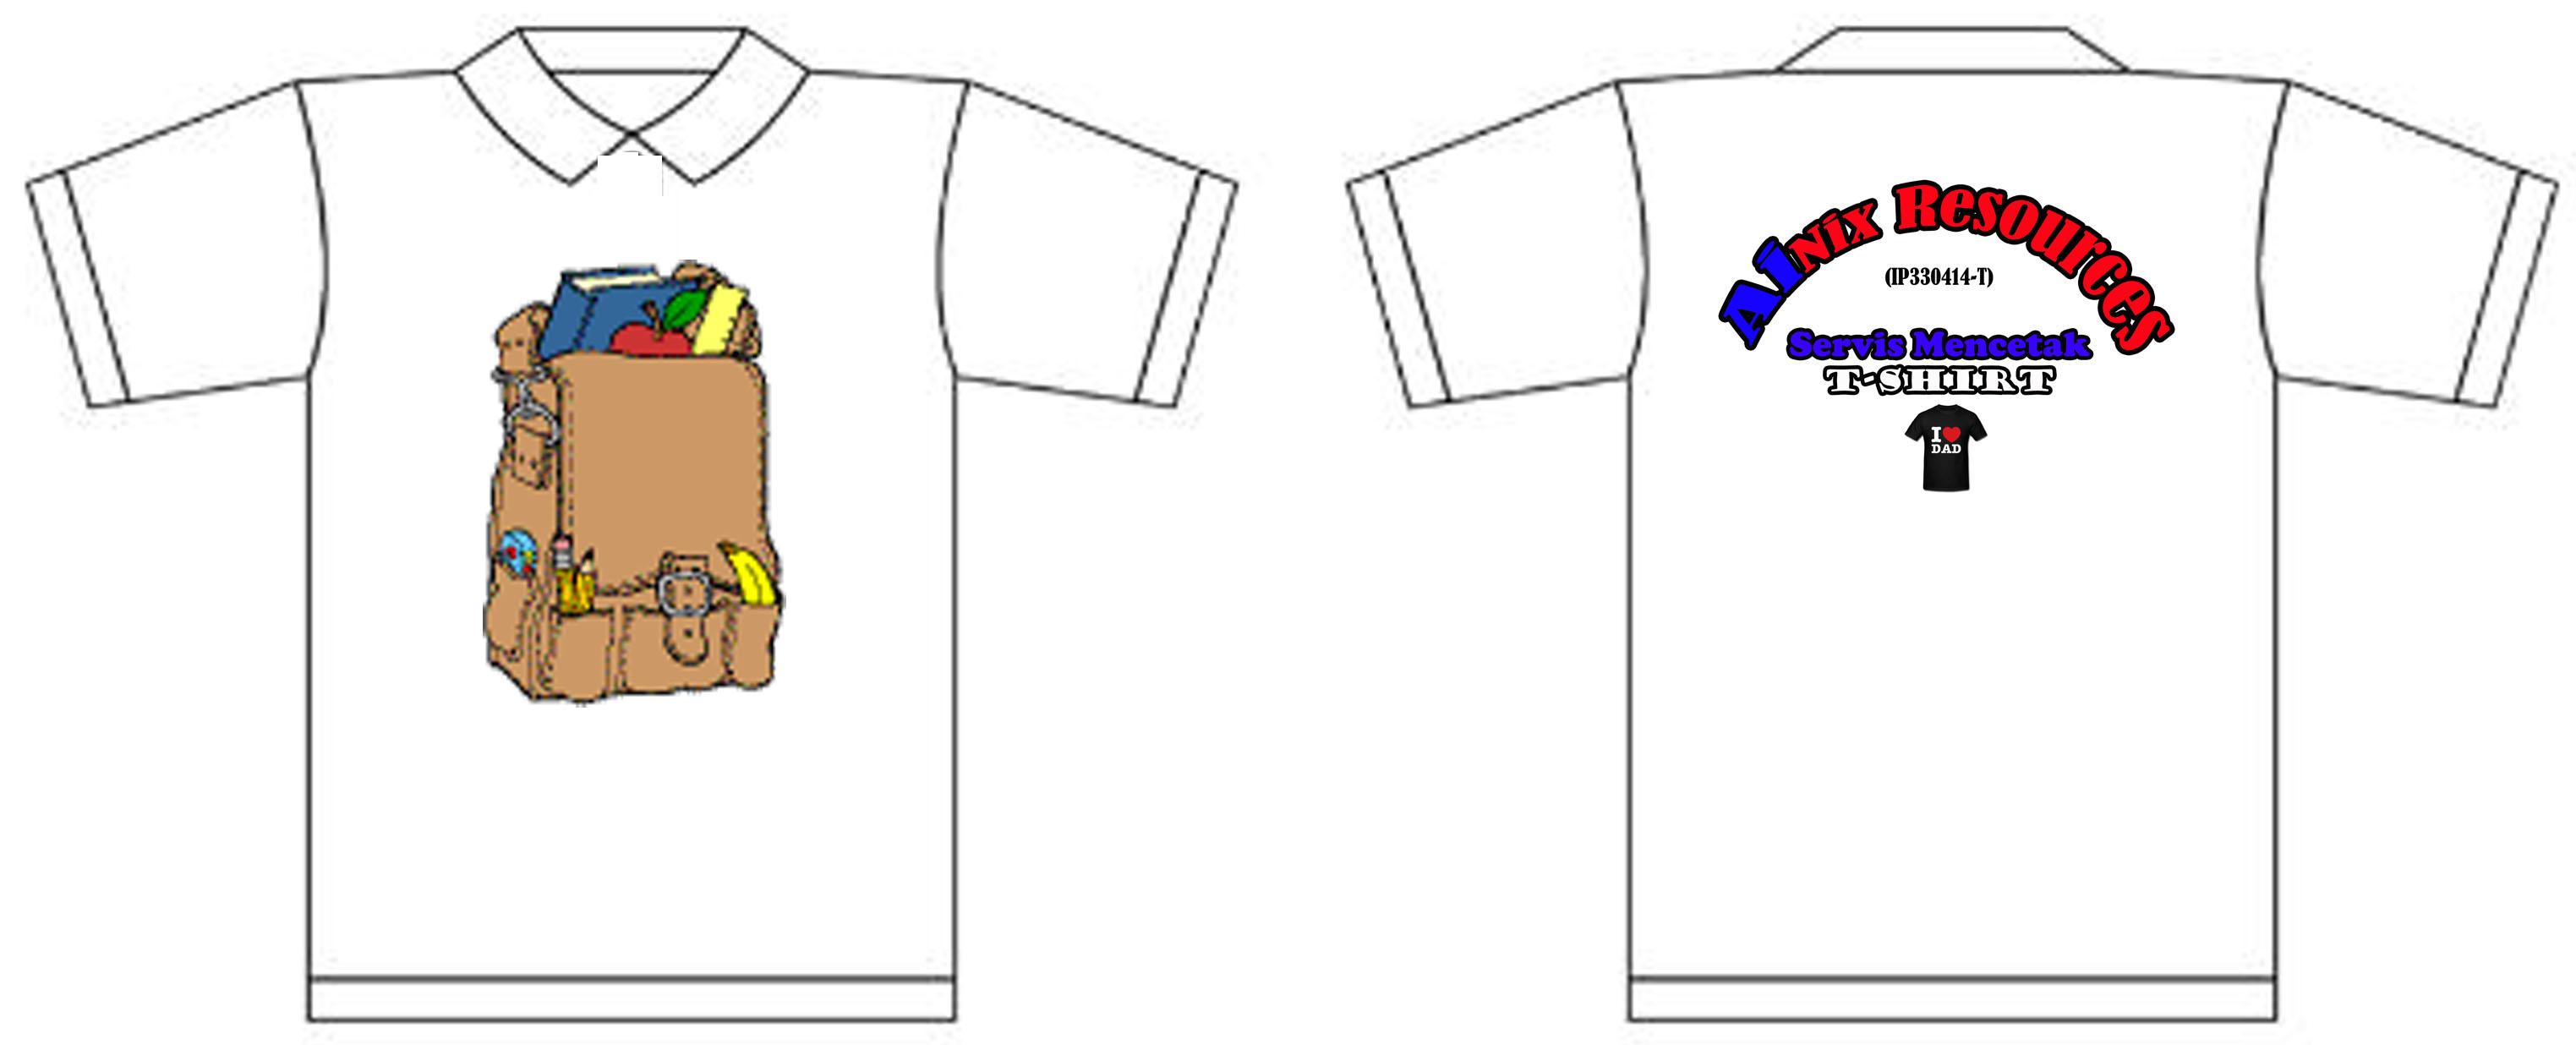 Gambar baju heat press putih | mohcetakbaju.com